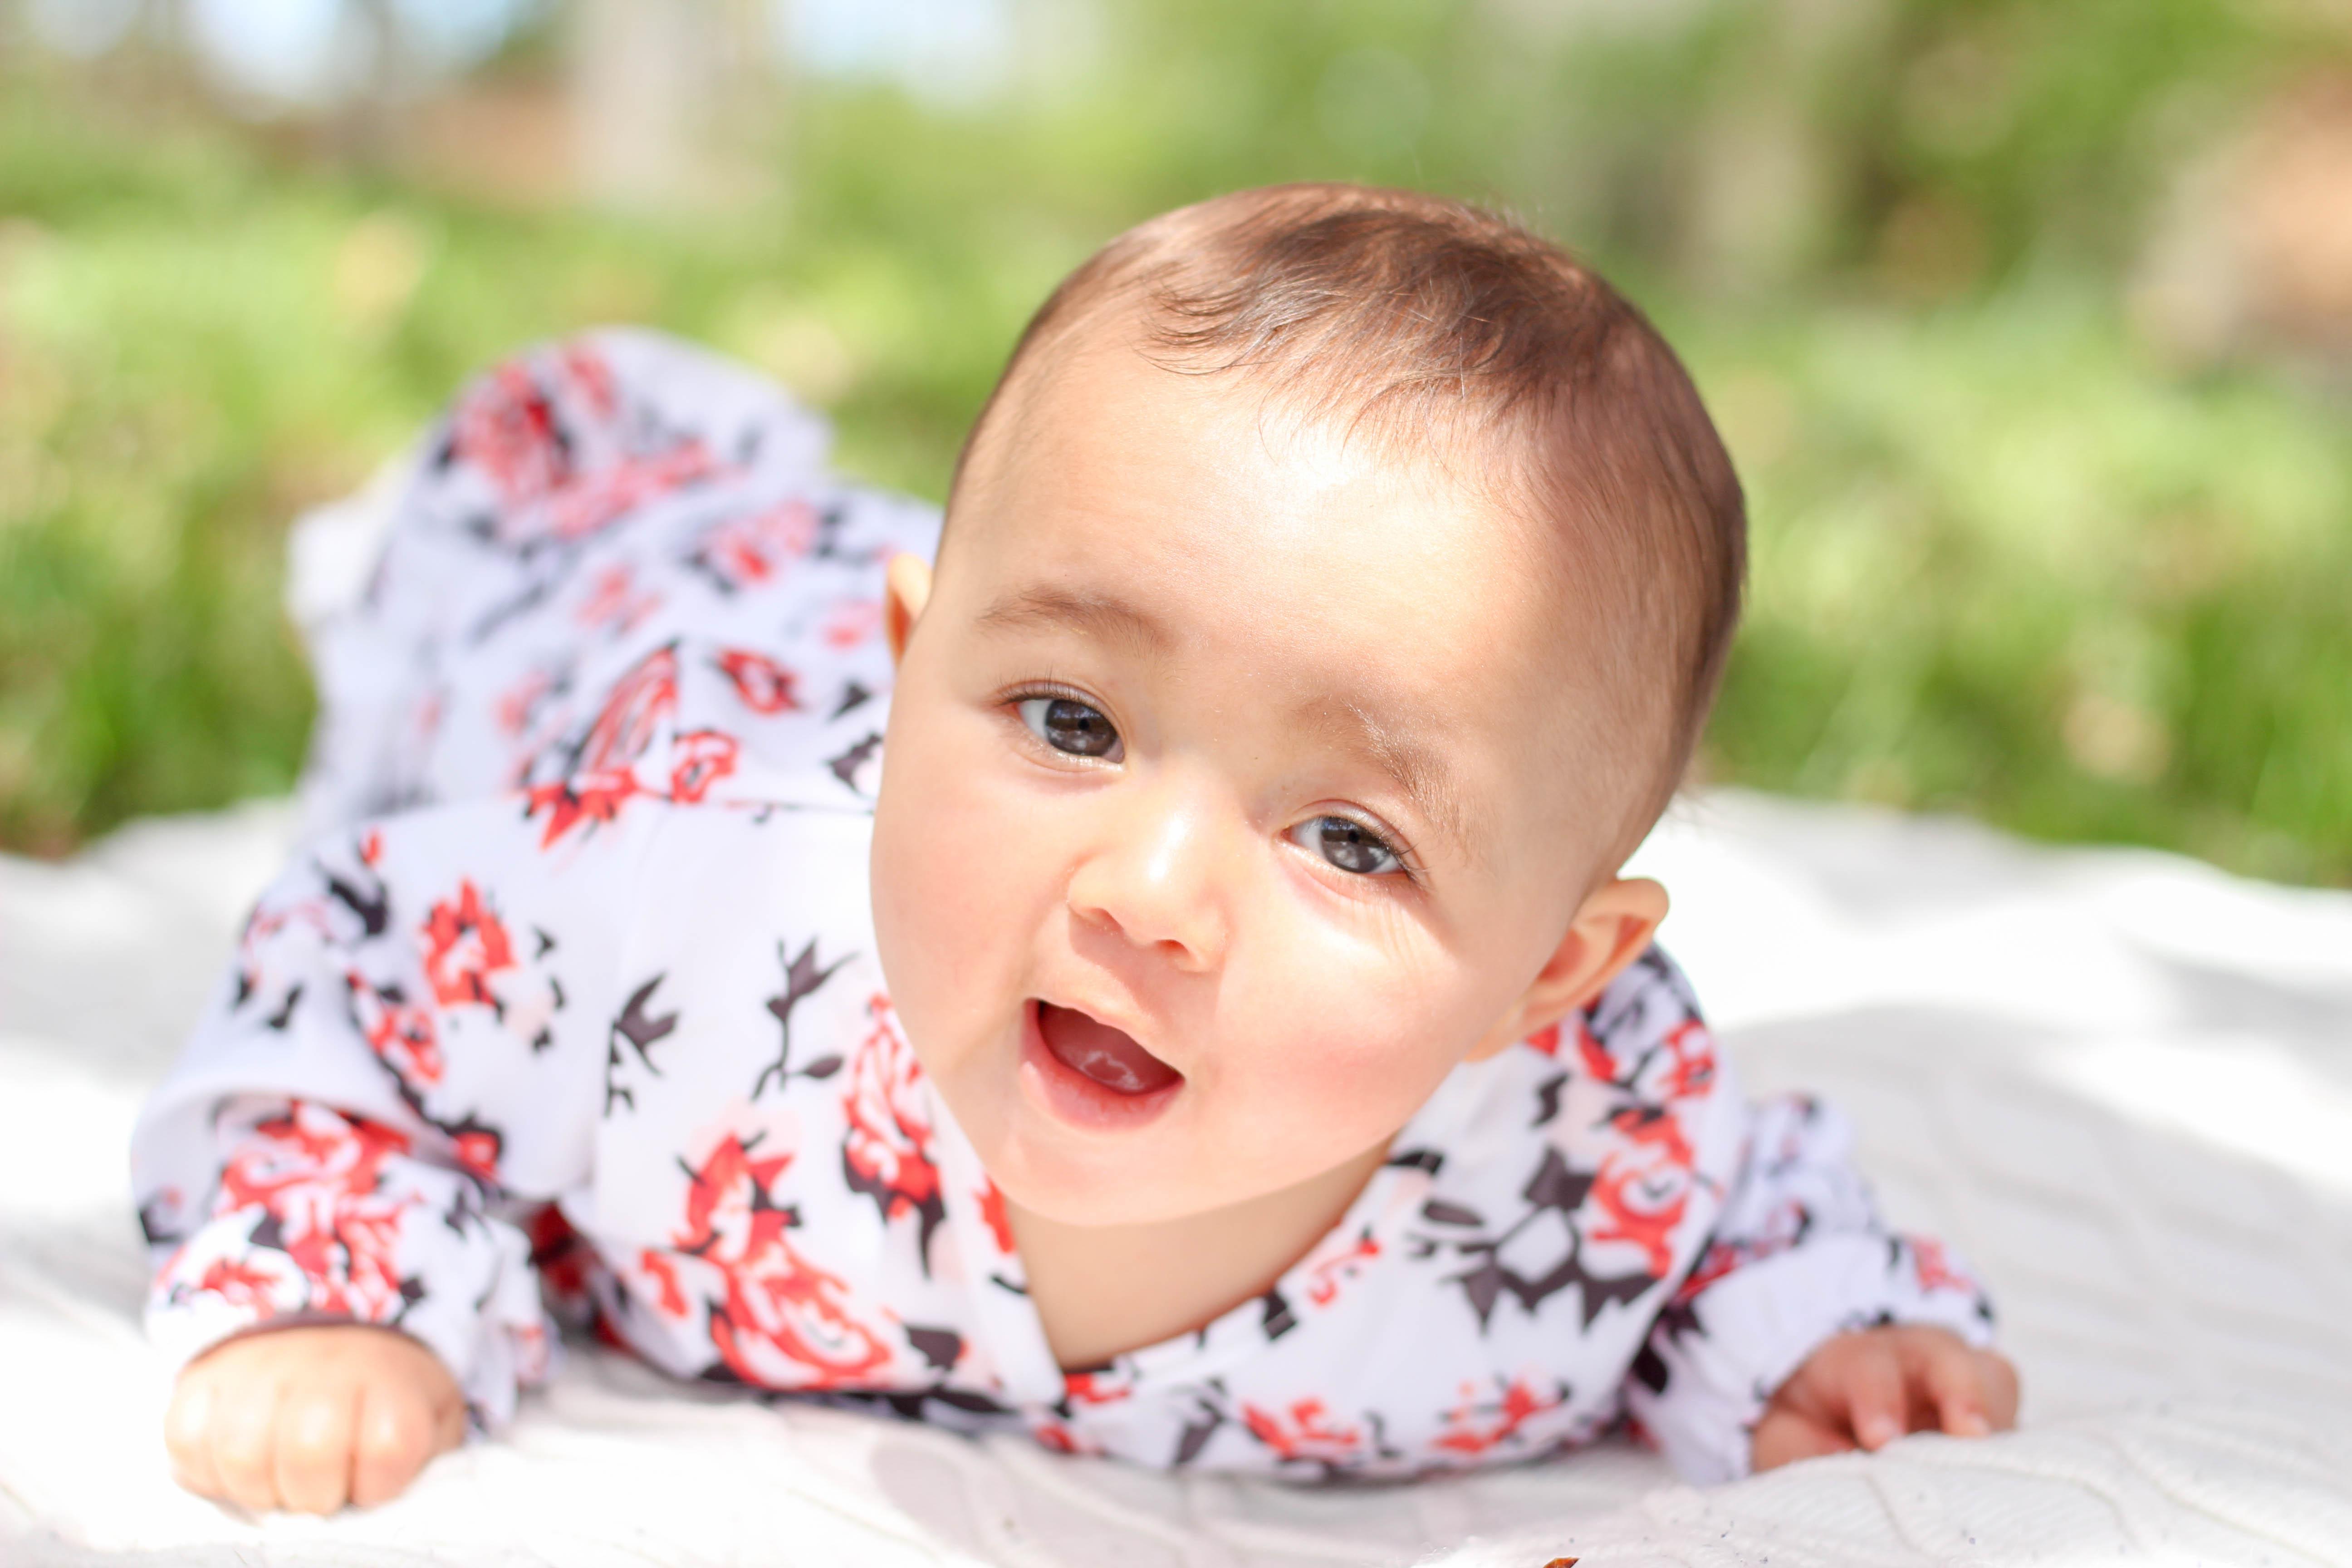 newborn portrait session danbury Connecticut Courtney lewis family portrait photography